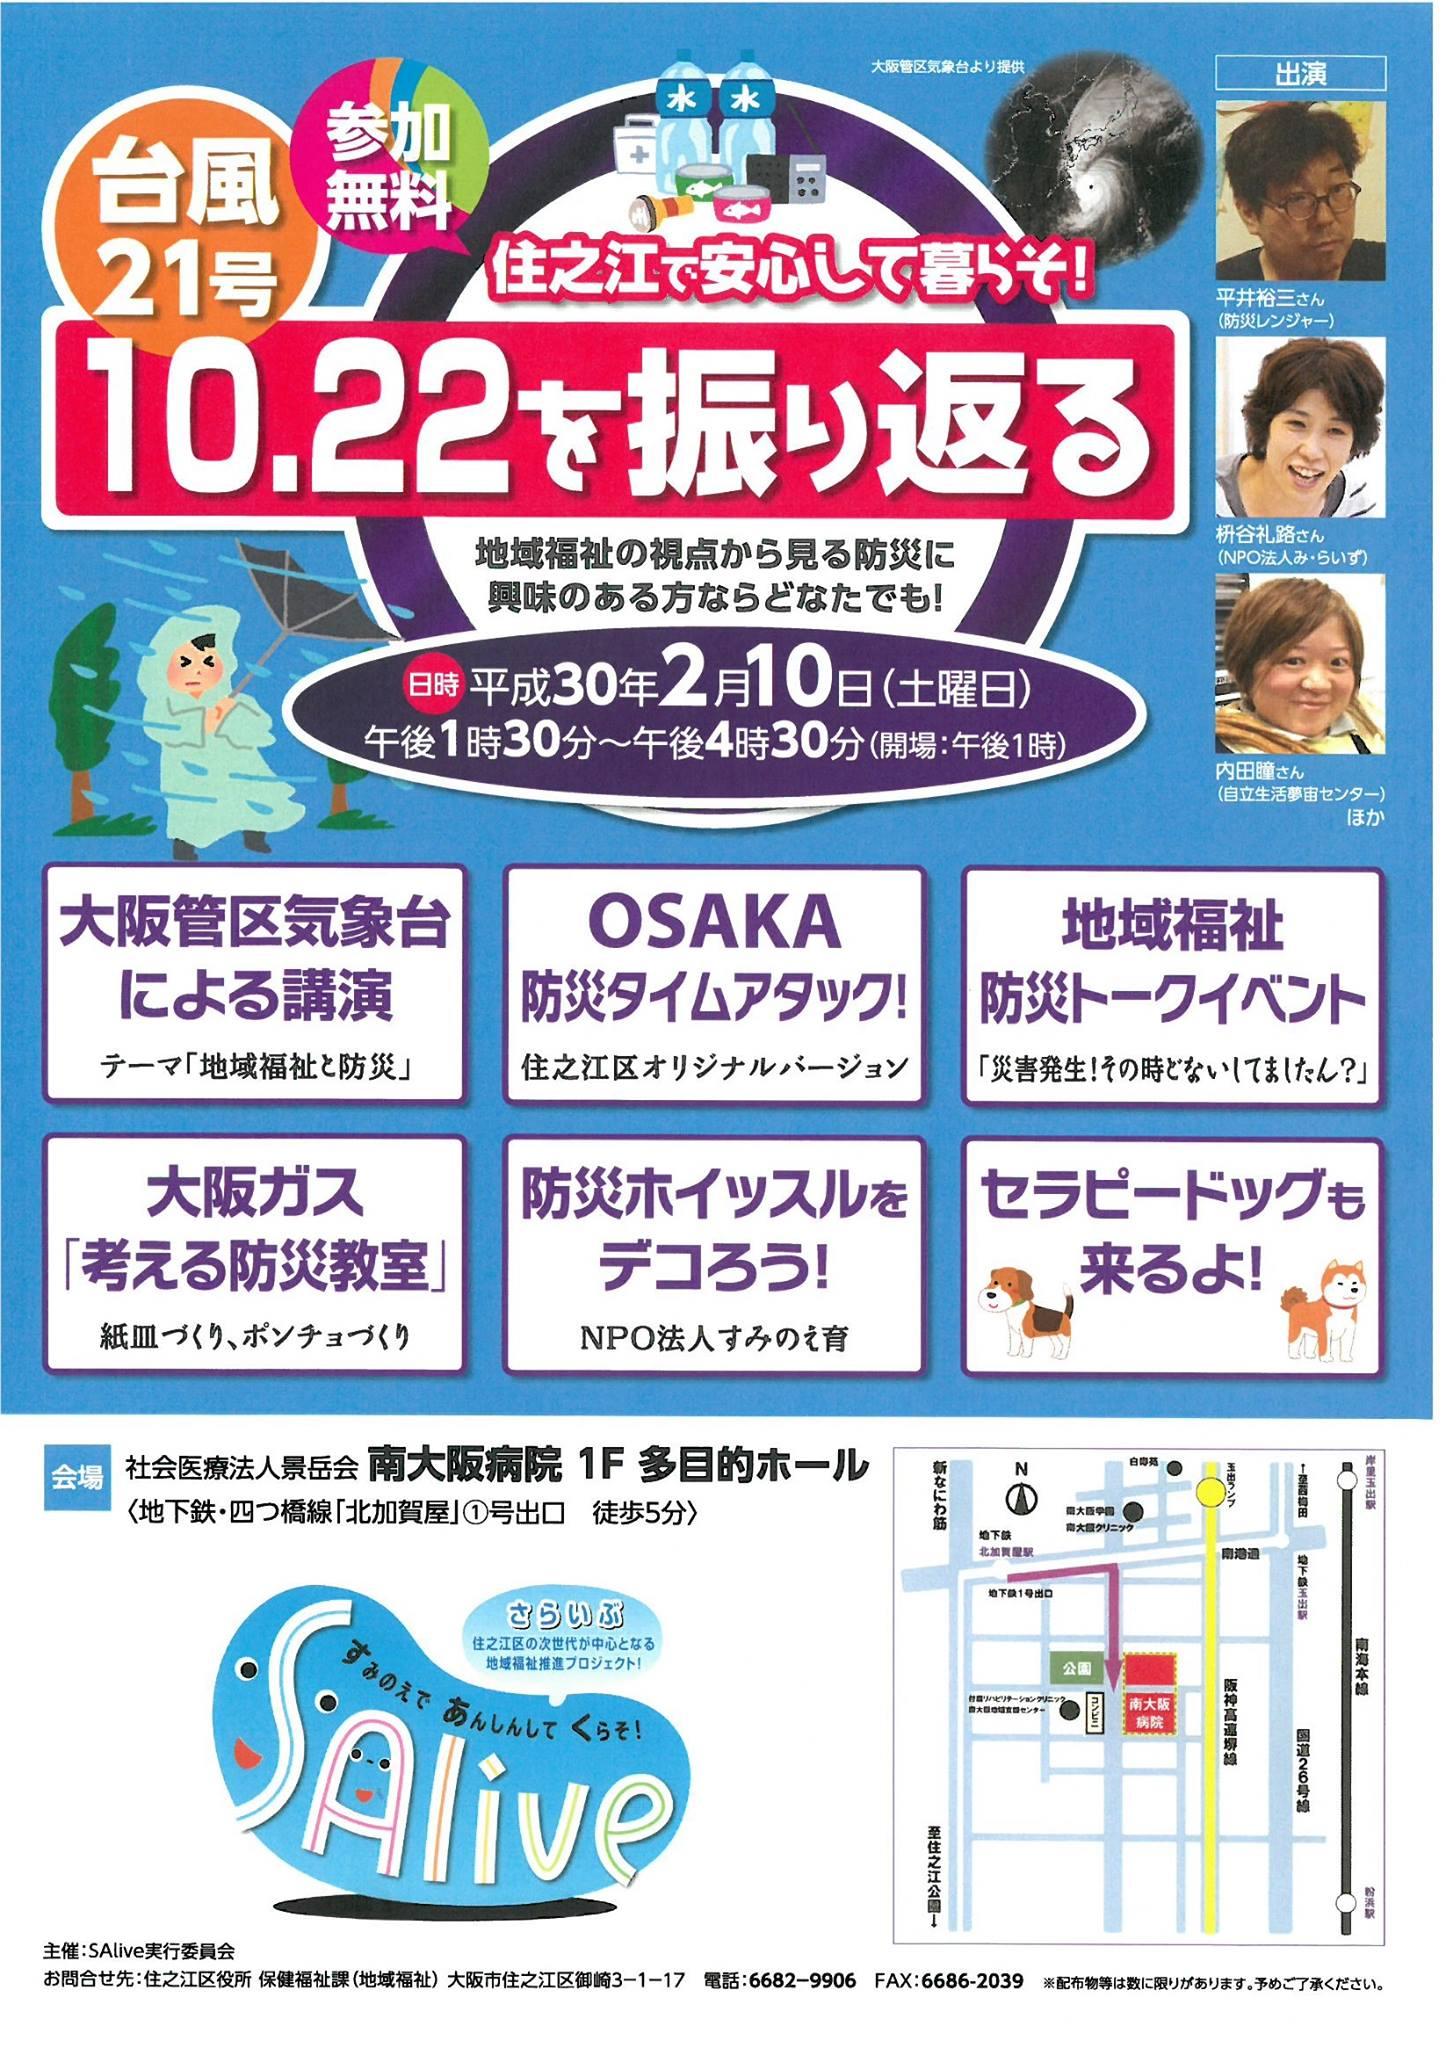 「台風21号10.22を振り返る」防災イベント開催